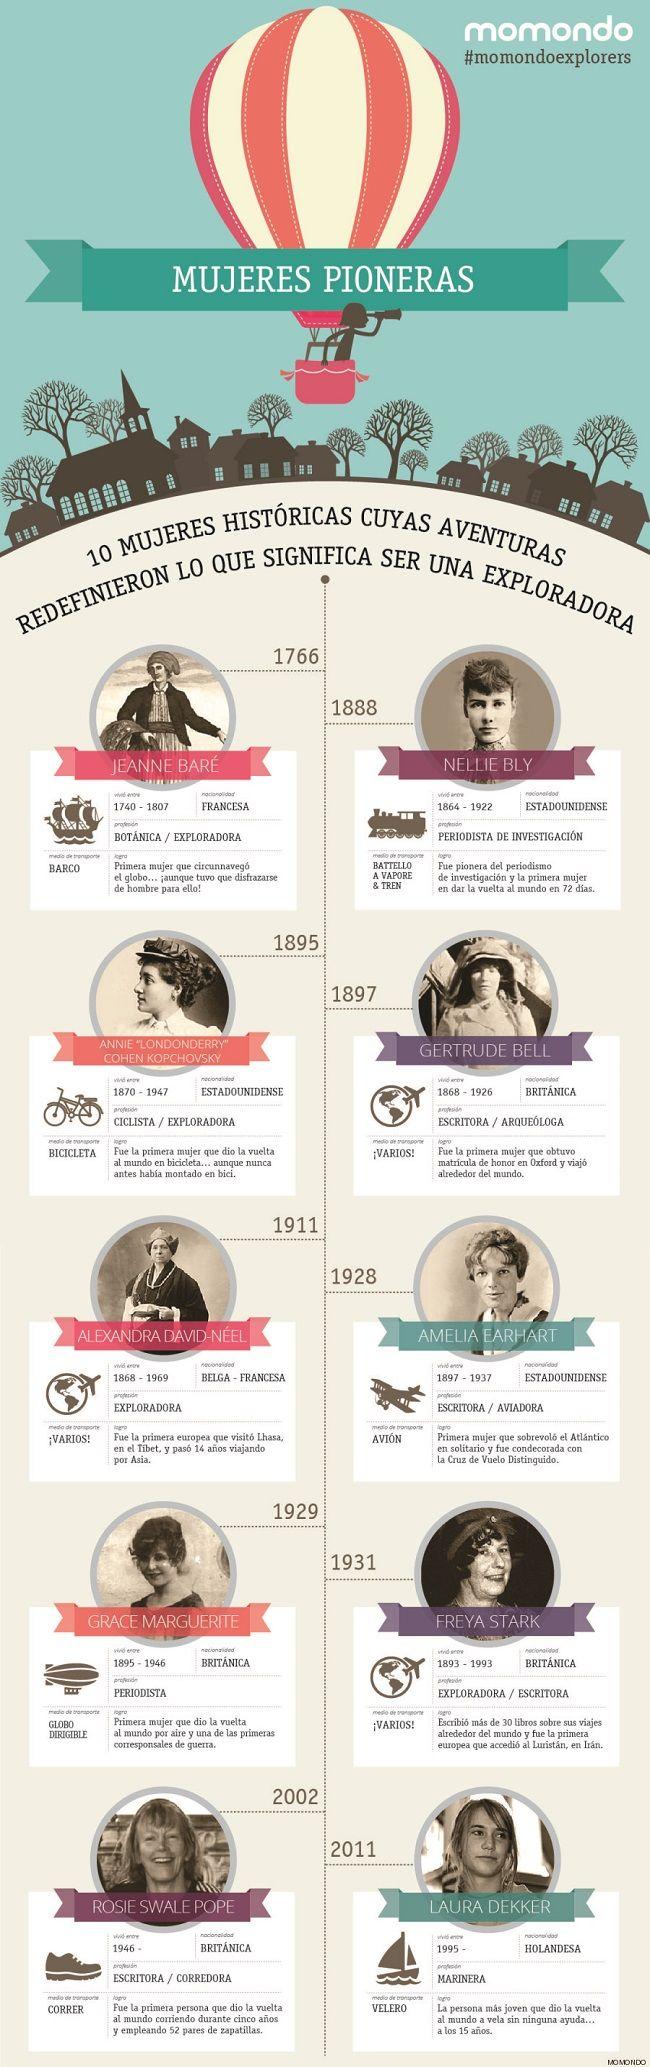 10 mujeres históricas cuyas aventuras redefinieron el significado de exploradora.